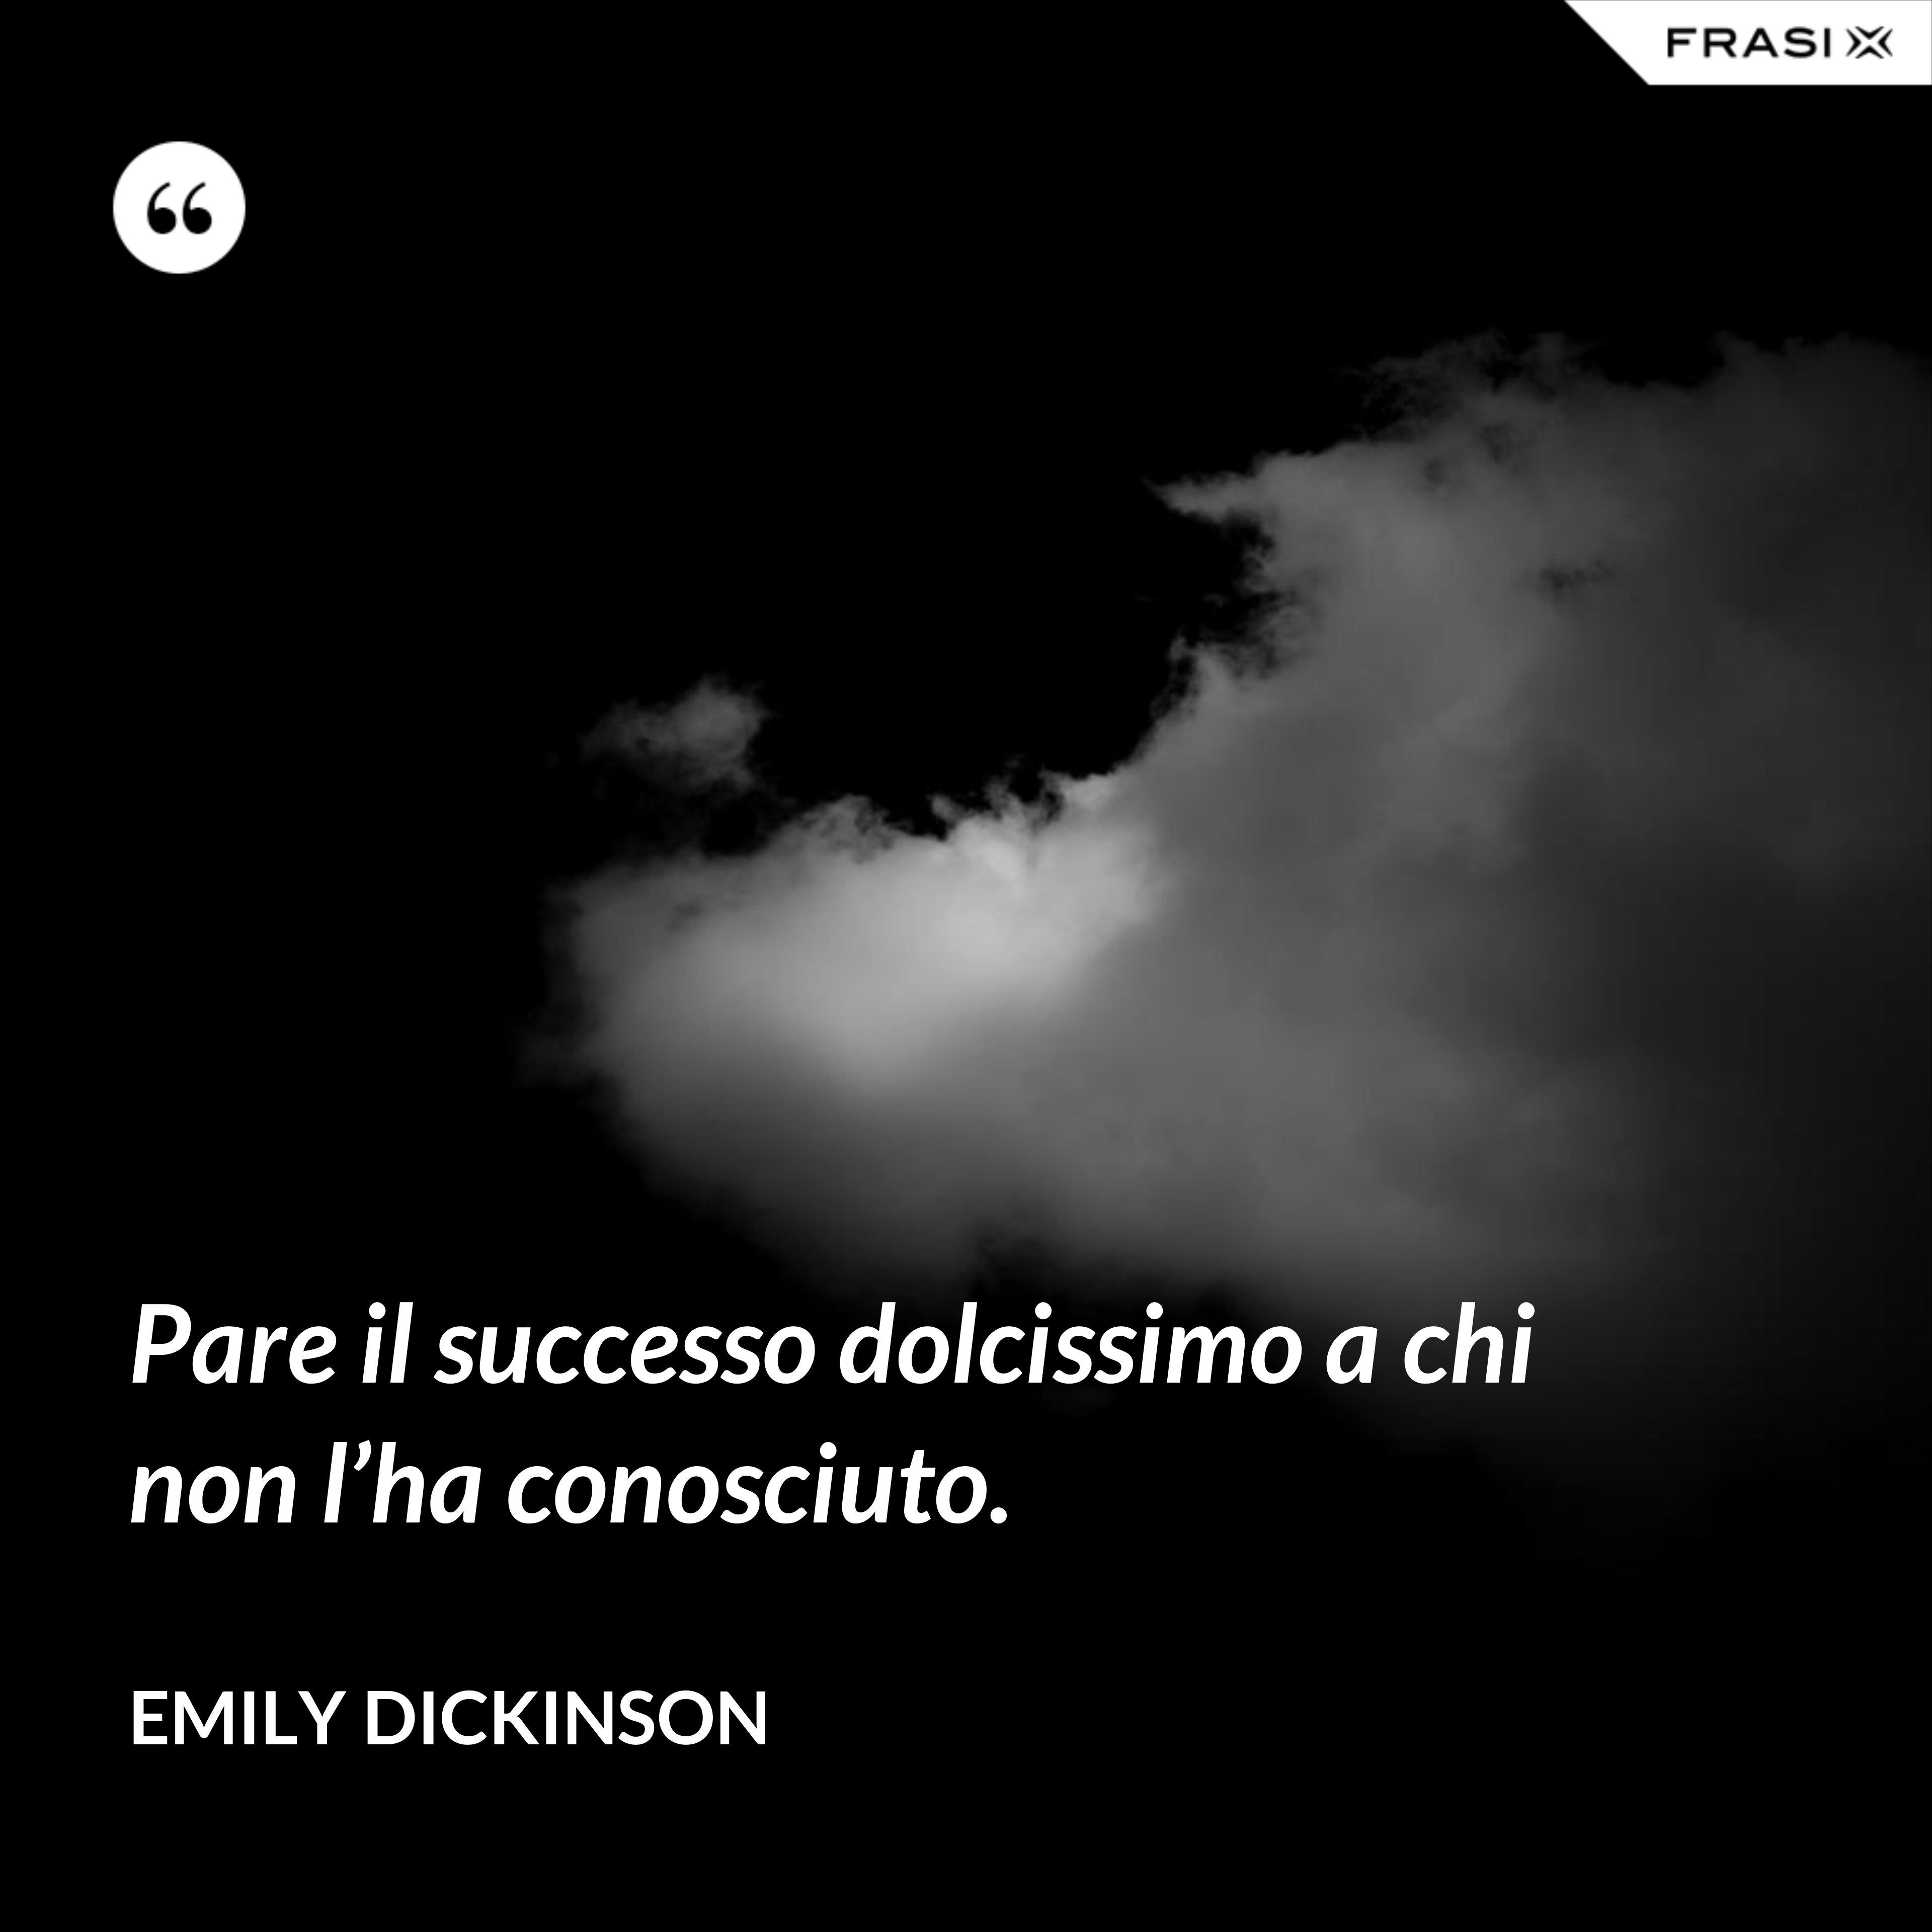 Pare il successo dolcissimo a chi non l'ha conosciuto. - Emily Dickinson